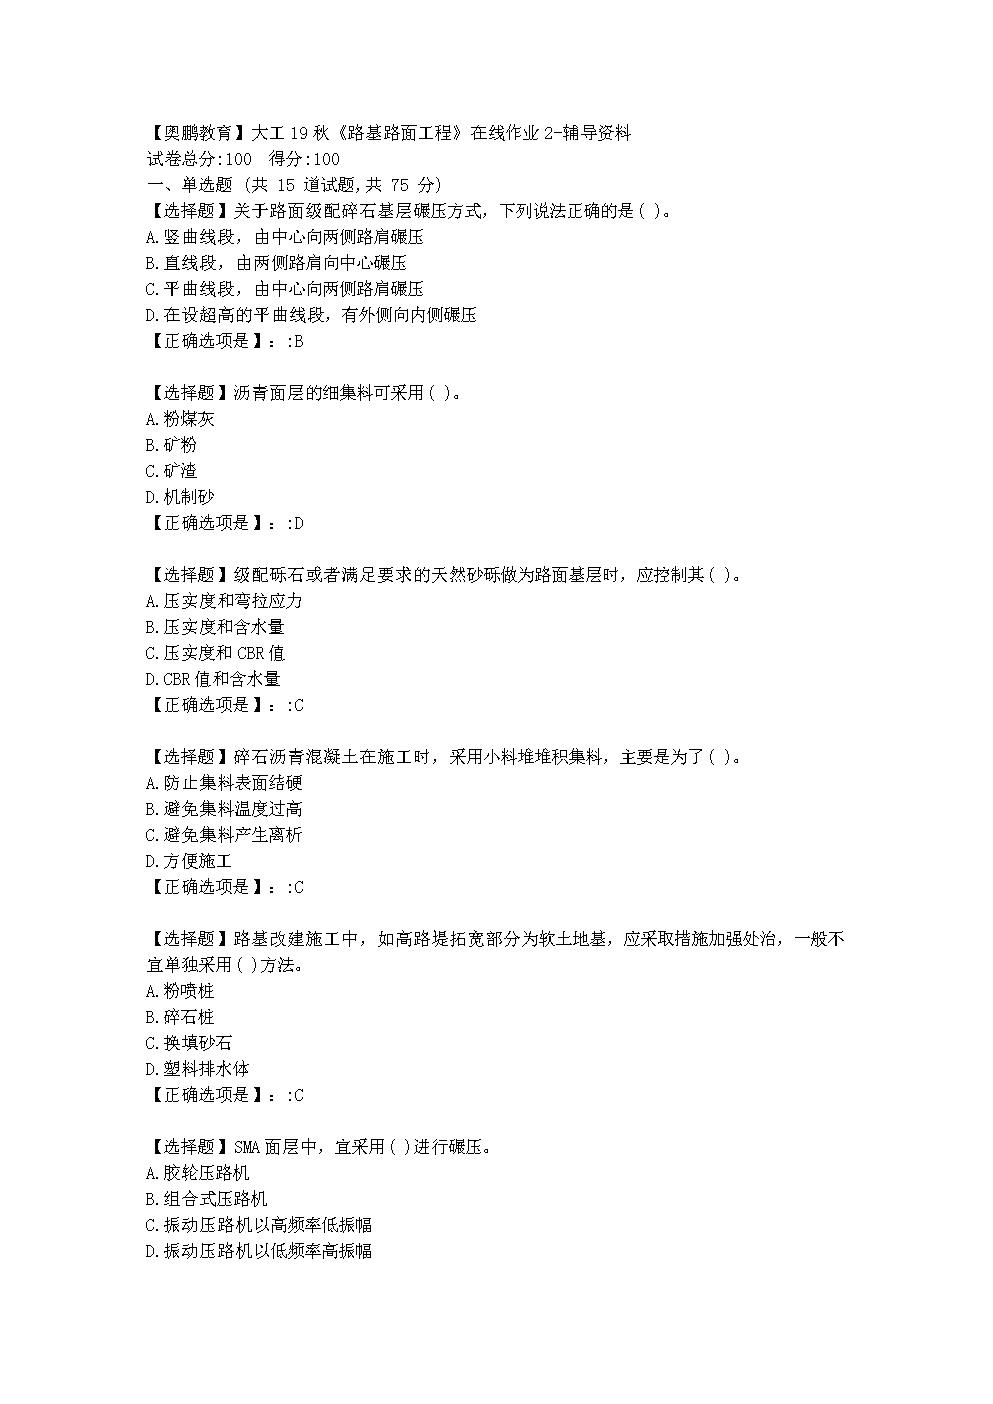 大连理工大学19秋《路基路面工程》在线作业2学习资料.doc